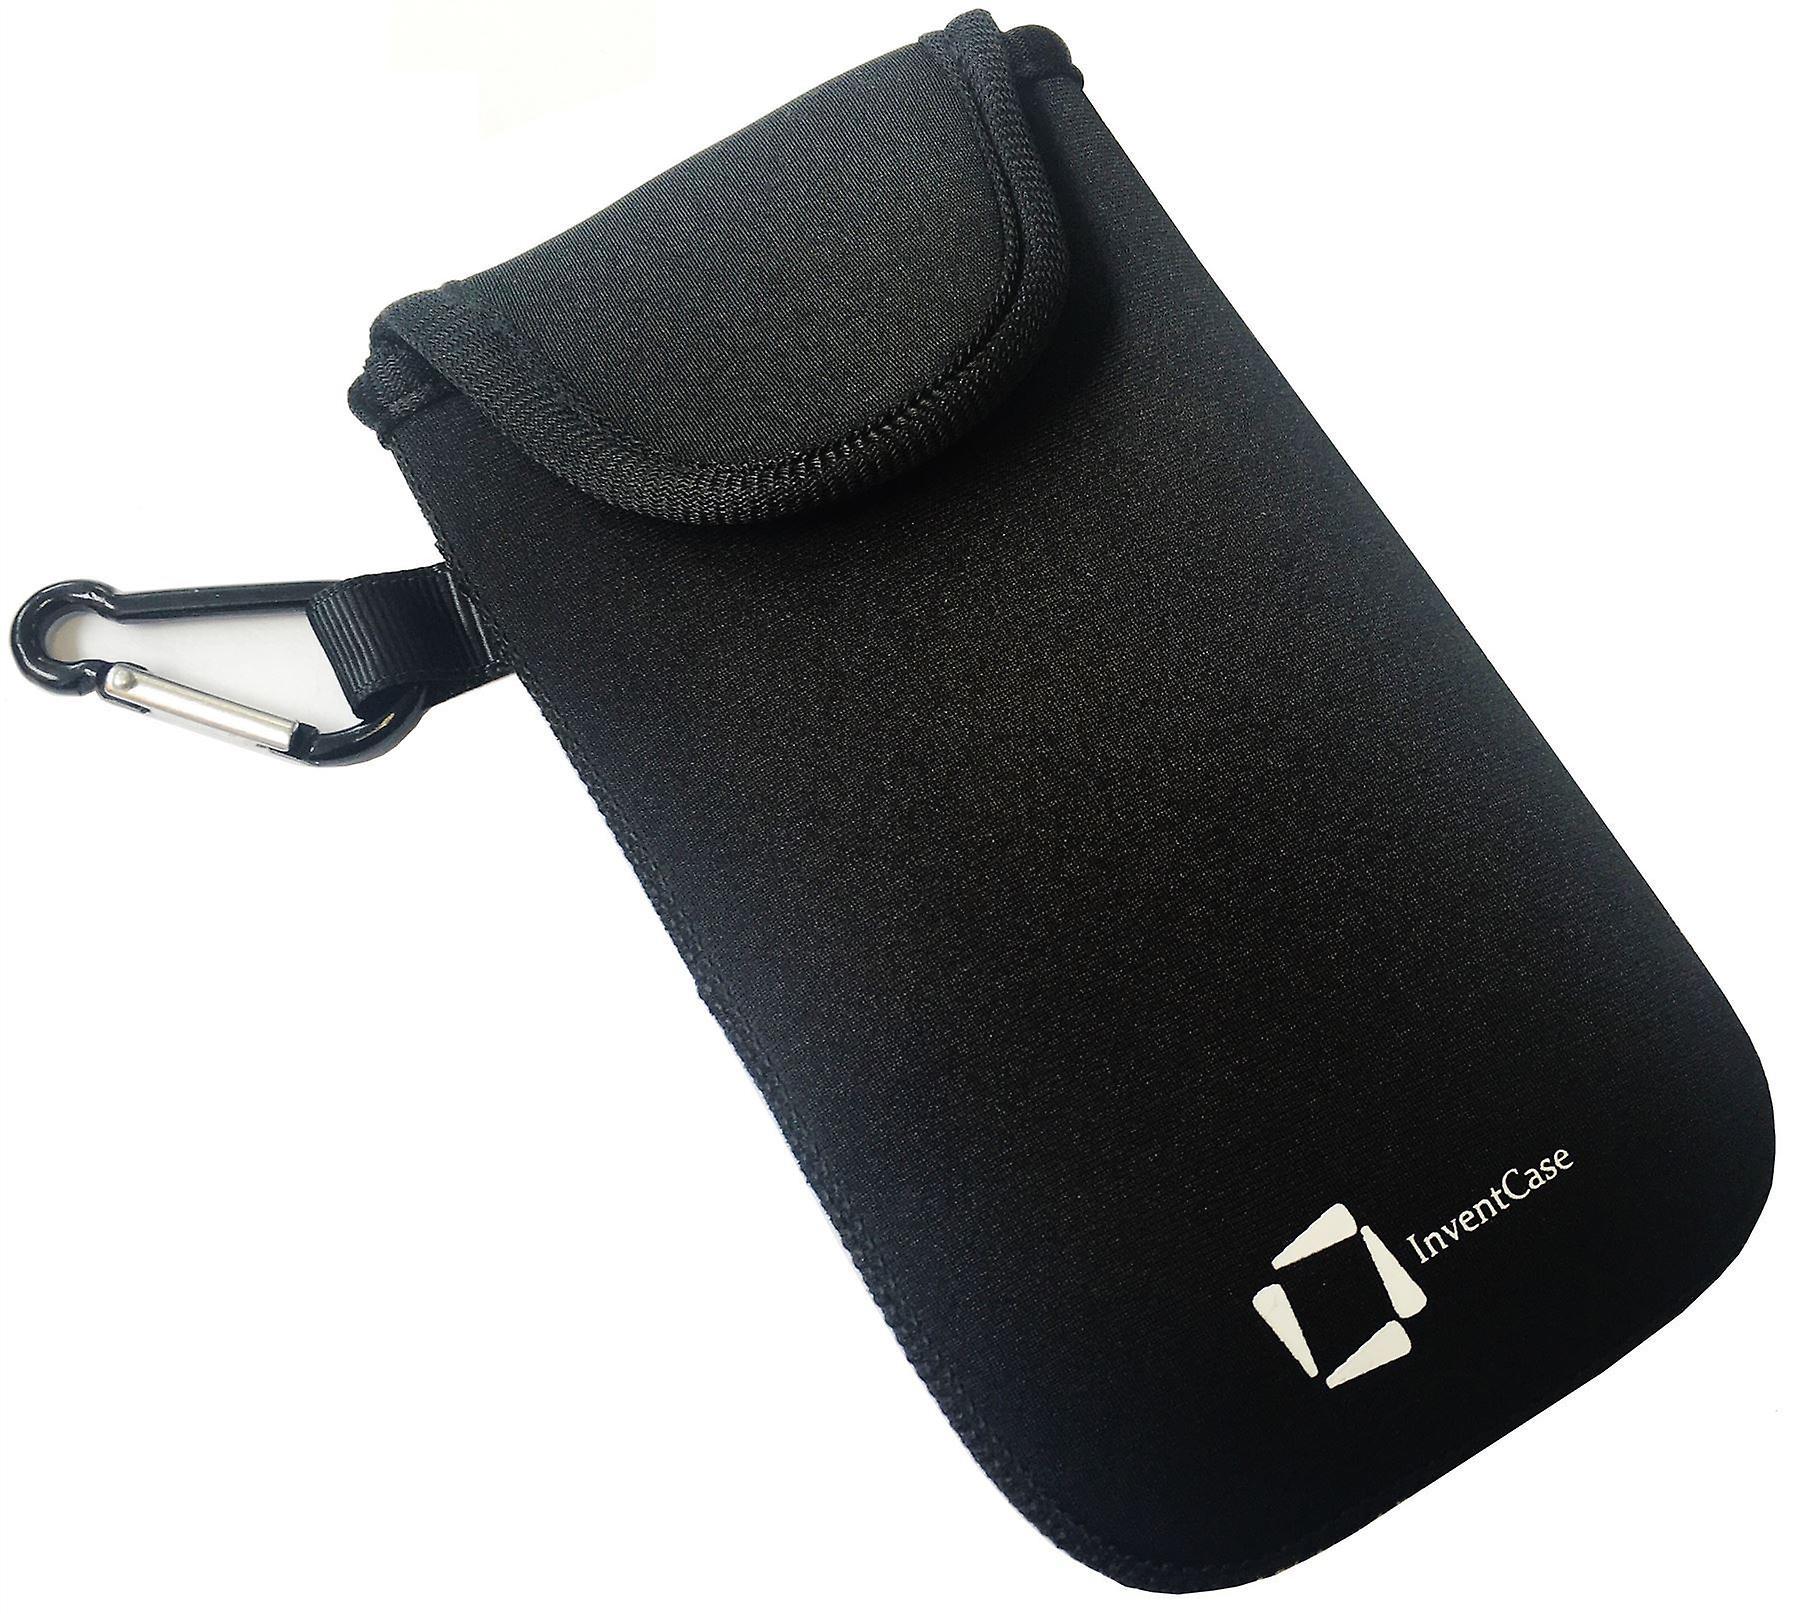 النيوبرين إينفينتكاسي الحقيبة واقية مقاومة لتأثير حالة الغطاء حقيبة مع الإغلاق Velcro و Carabiner الألومنيوم لاسوس زينفوني 2 الليزر 5.5 بوصة-أسود